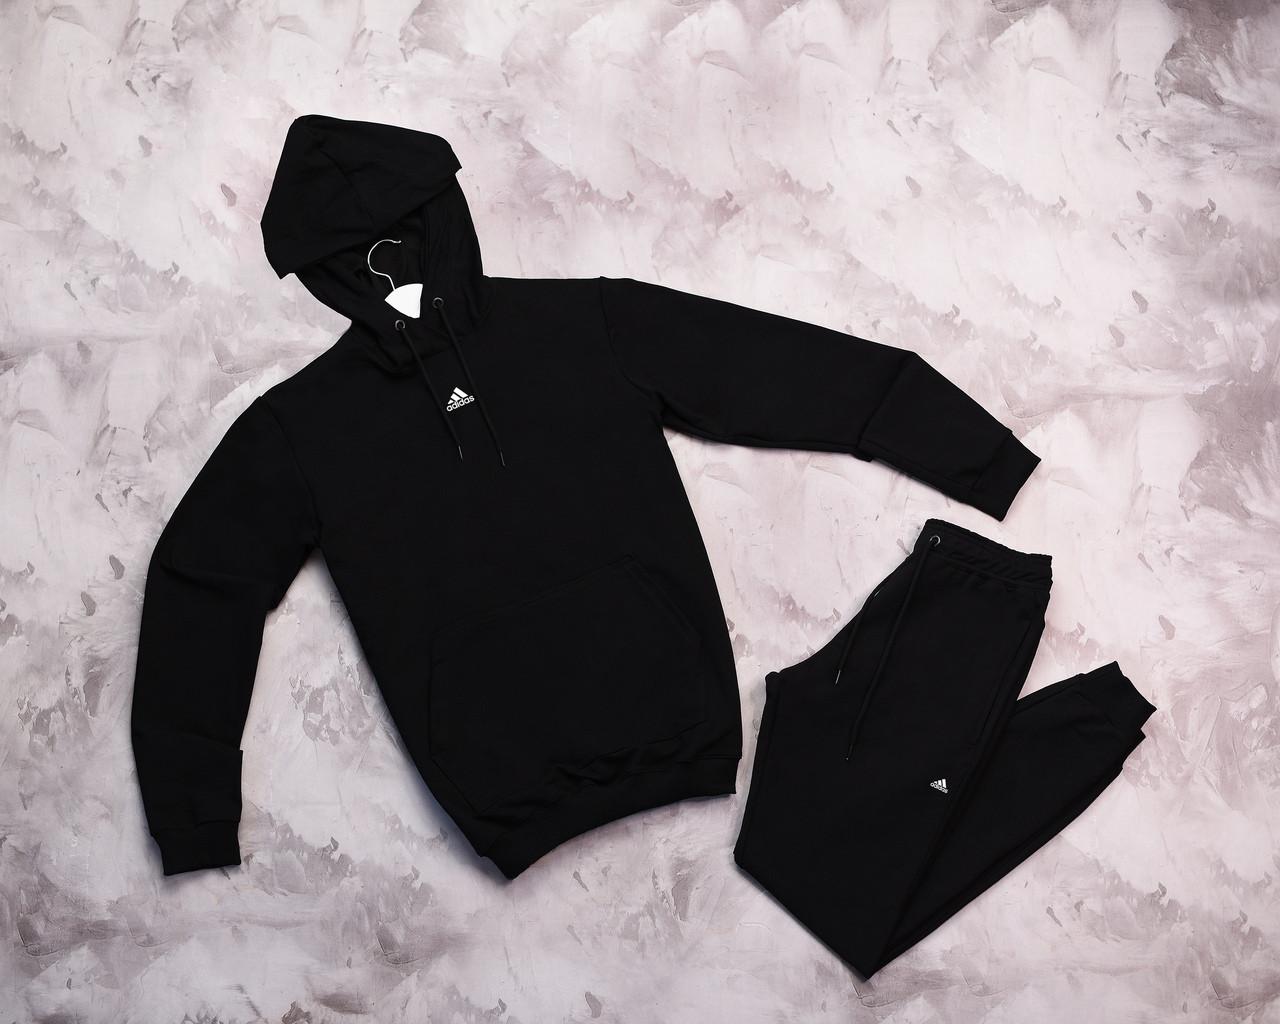 Adidas мужской черный спортивный костюм весна осень.Adidas Худи черный + штаны черные комплект